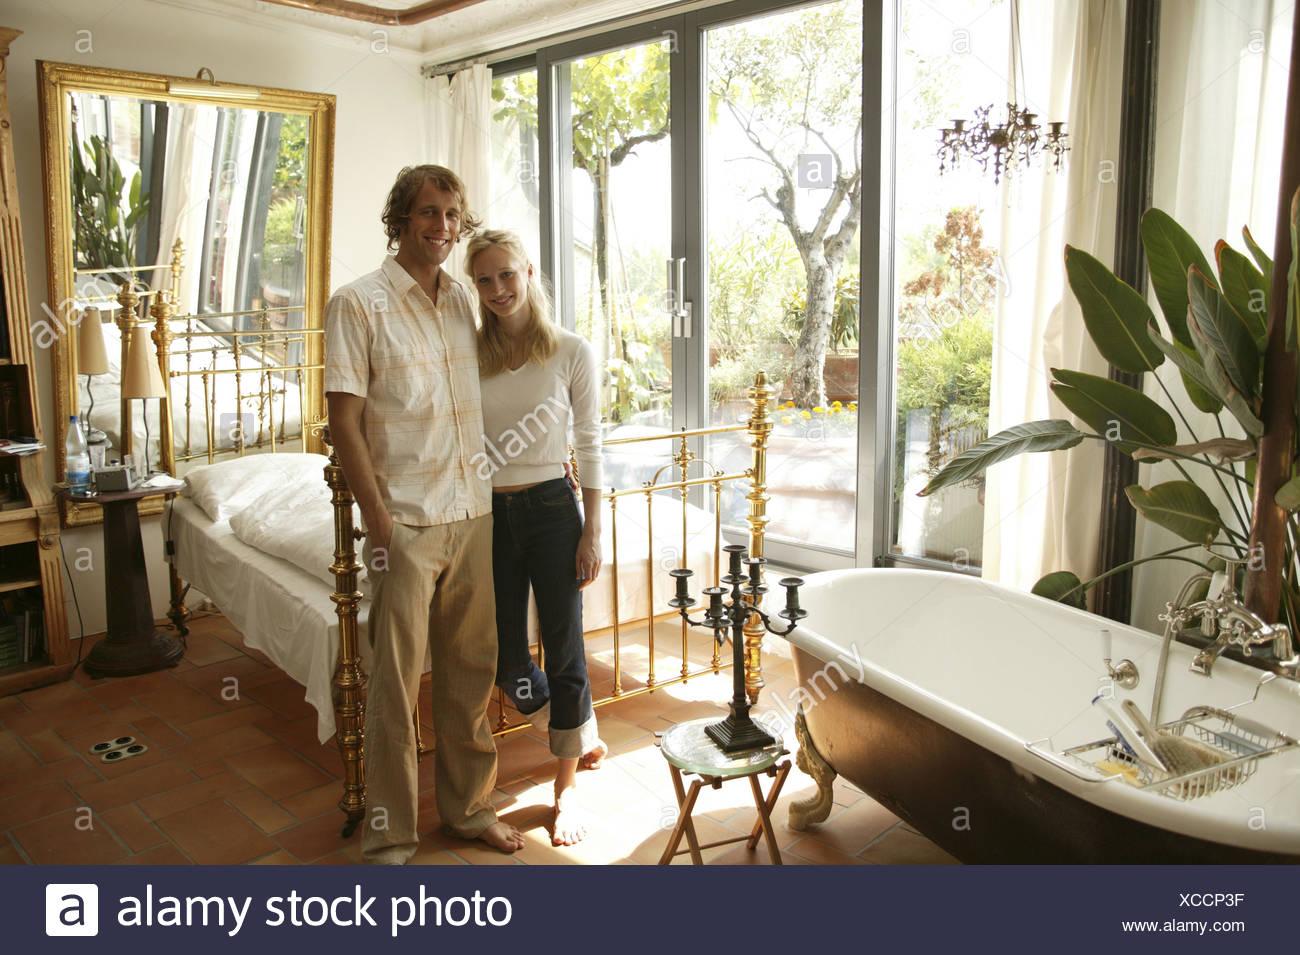 ... Glücklich, Leben, Ambiente, Zimmer, Wohnraum, Kabine, Flach, Klein,  Sicherheitsysteme, Schlafzimmer, Wirksamkeit, Setup, Messing Bett,  Badewanne, Alte, ...